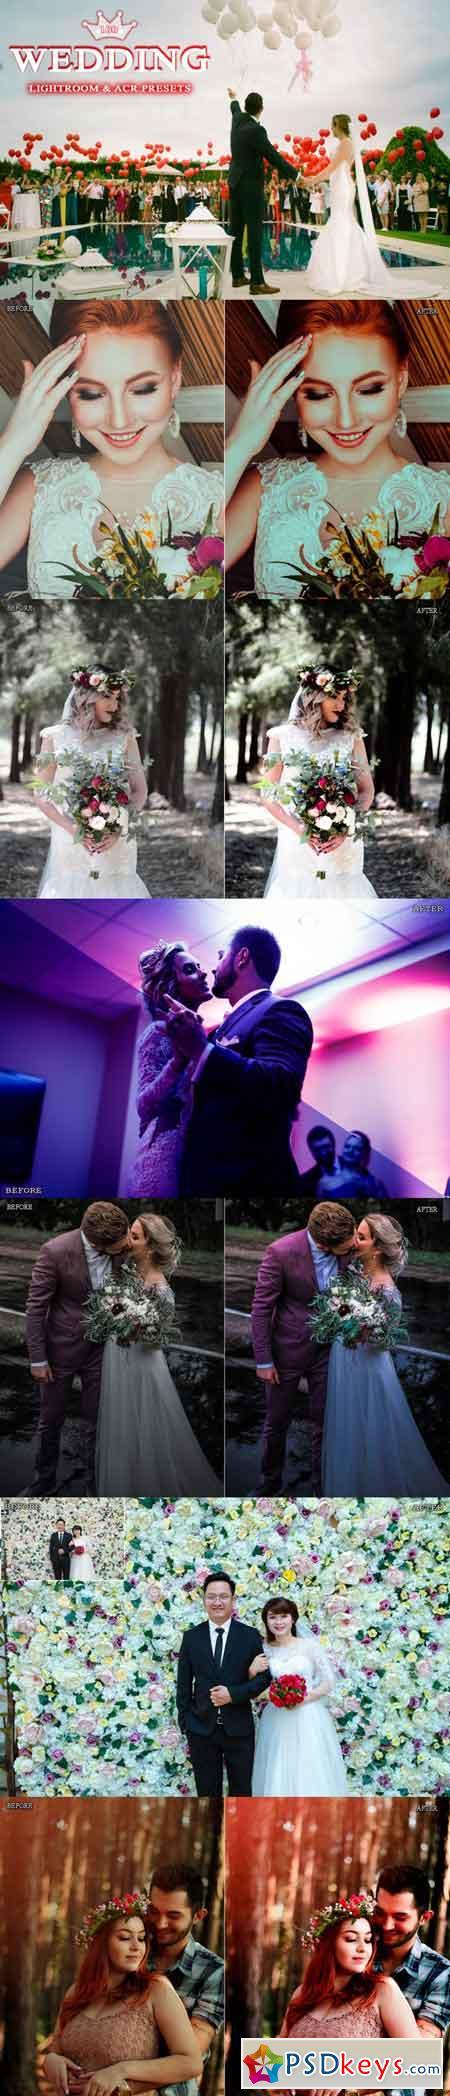 Wedding Lightroom & ACR Presets 3516648